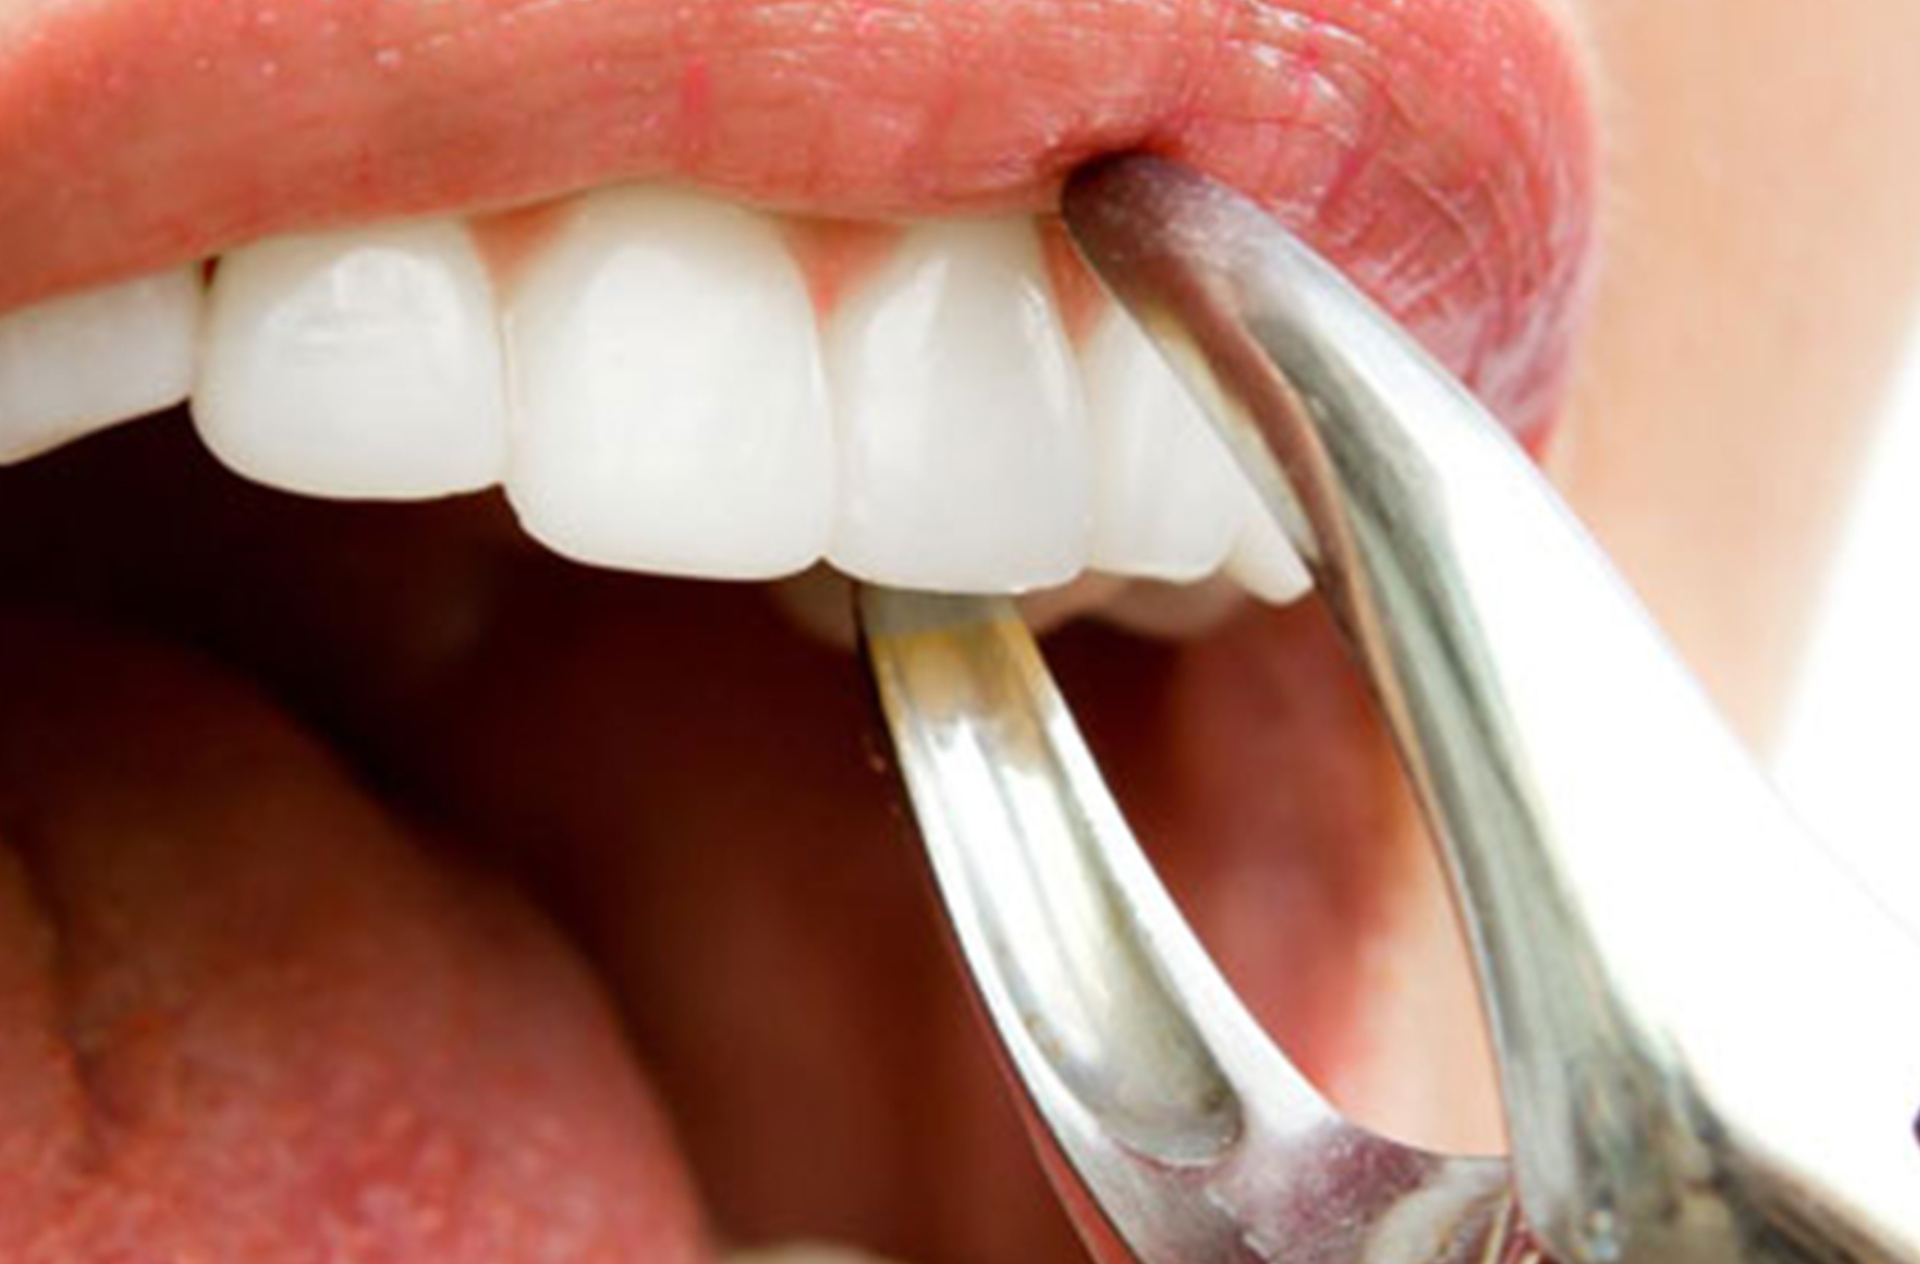 Ekstrakcija (vađenje) zuba